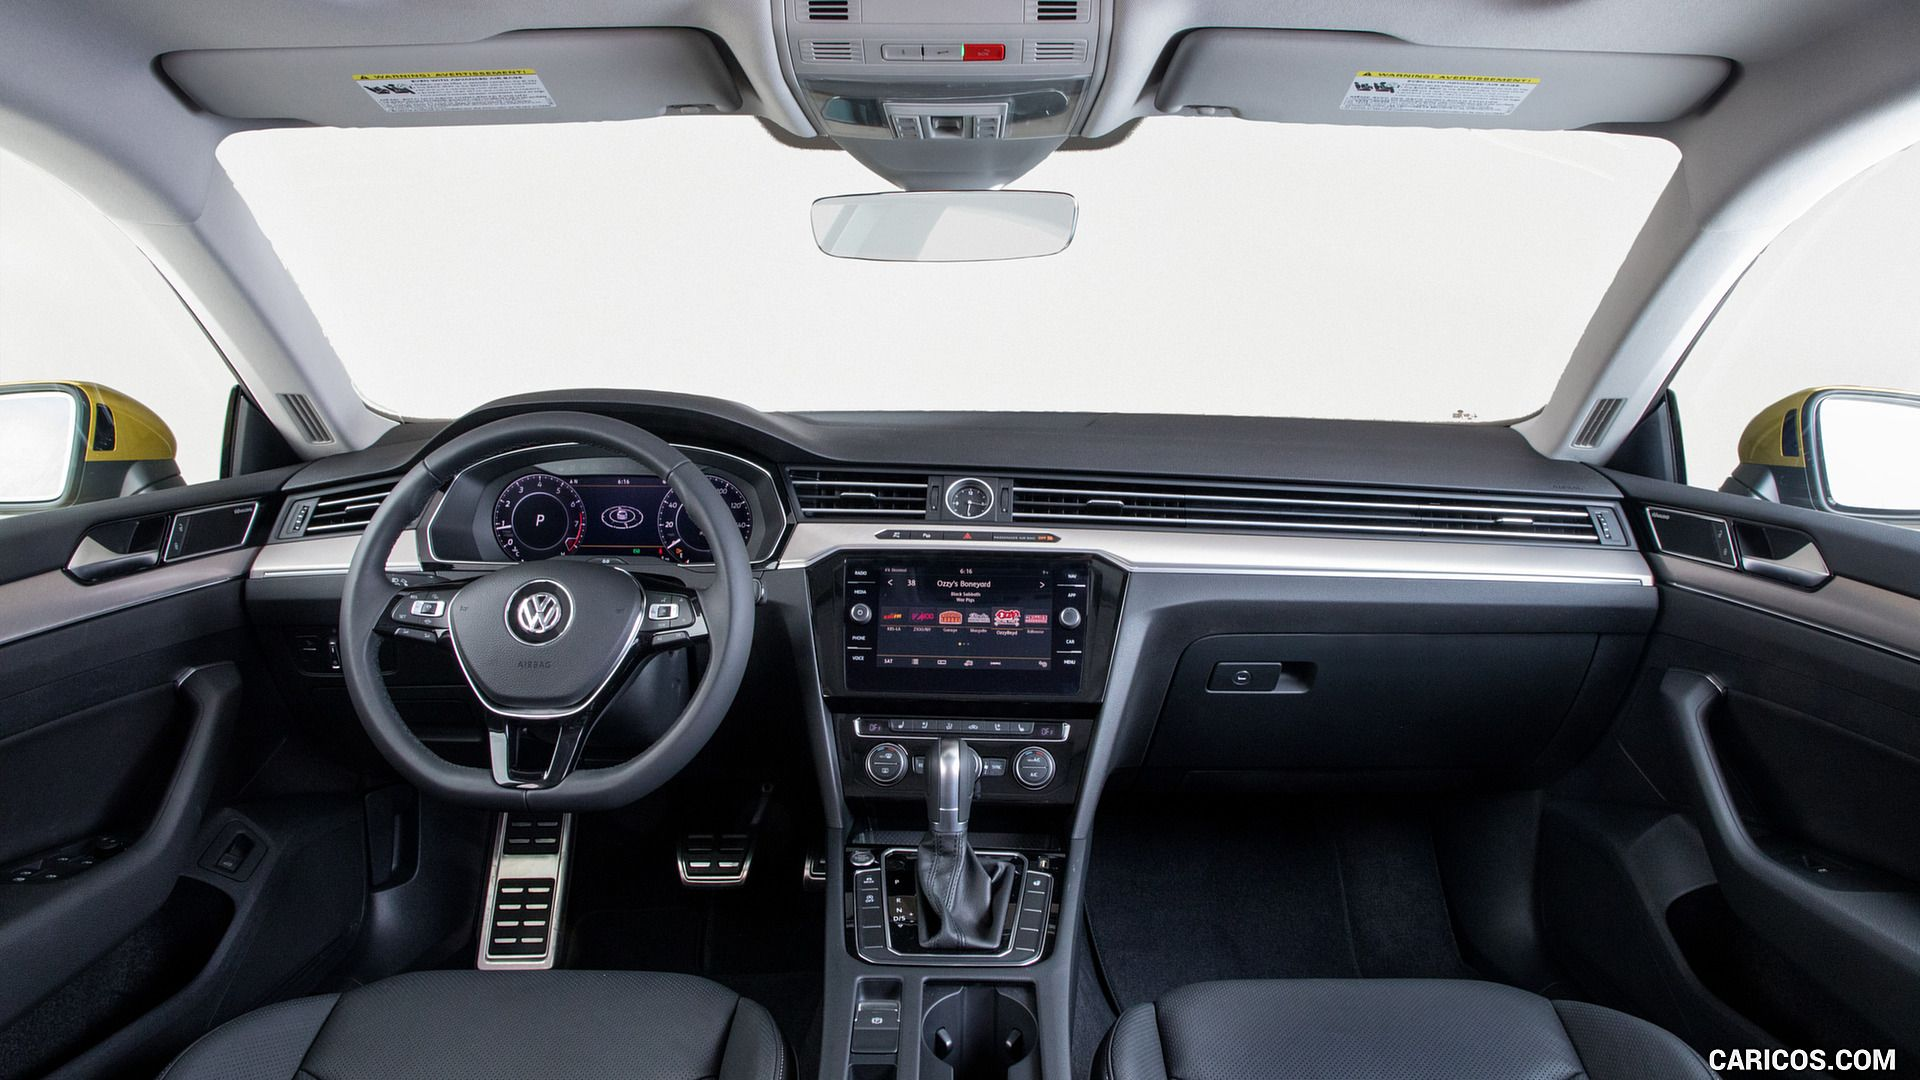 2019 Volkswagen Arteon Hpa Spec Volkswagen Cockpit Vw Cars